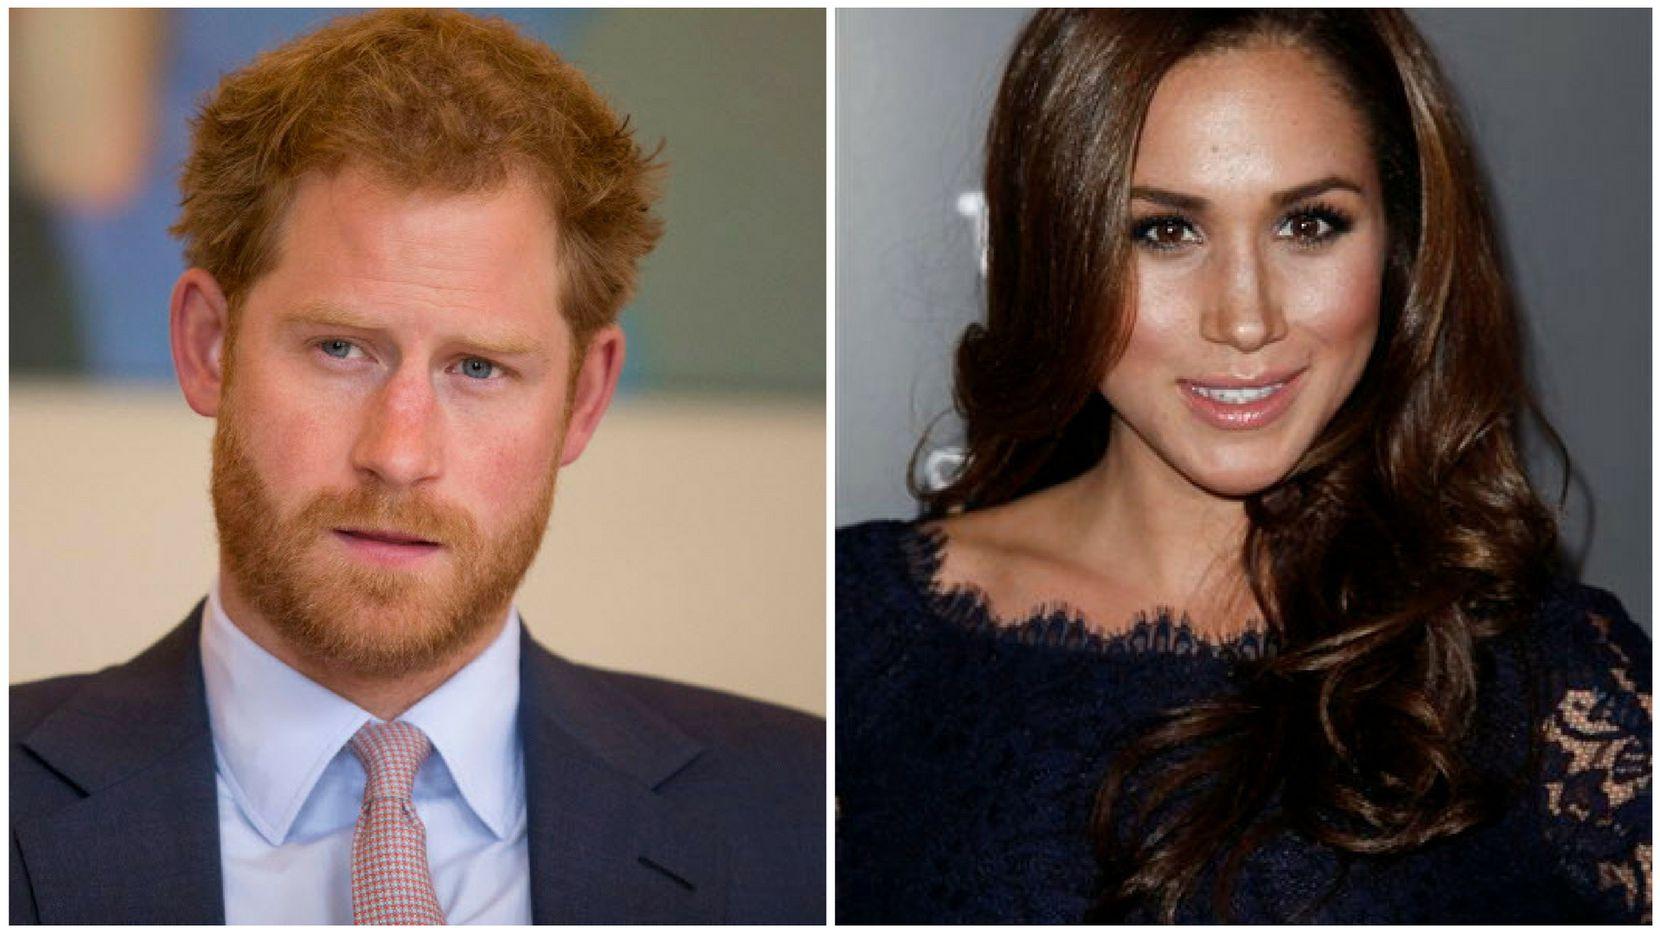 El príncipe Enrique repudió el abuso y acoso racista de su novia, Markle, por parte de los medios, en un inusual comunicado emitido el martes 8 de noviembre del 2016 en el que confirmó su relación y expresó preocupación por la seguridad de ella./AP